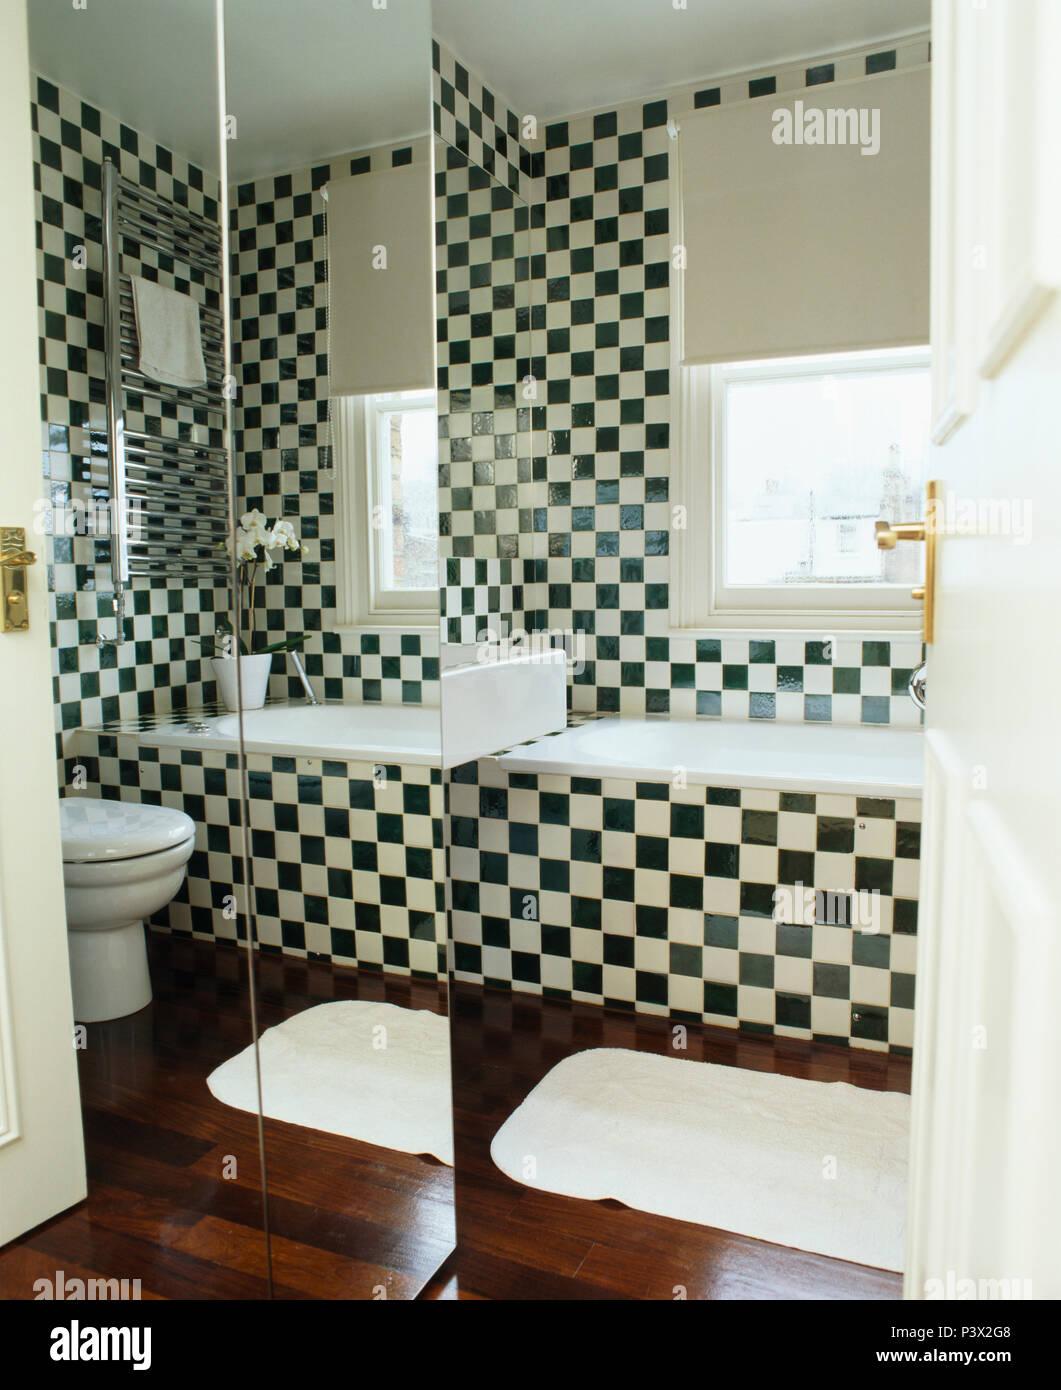 Verspiegelte Wand Im Modernen Bad Mit Schwarz + Weiß Checkrboard Fliesen